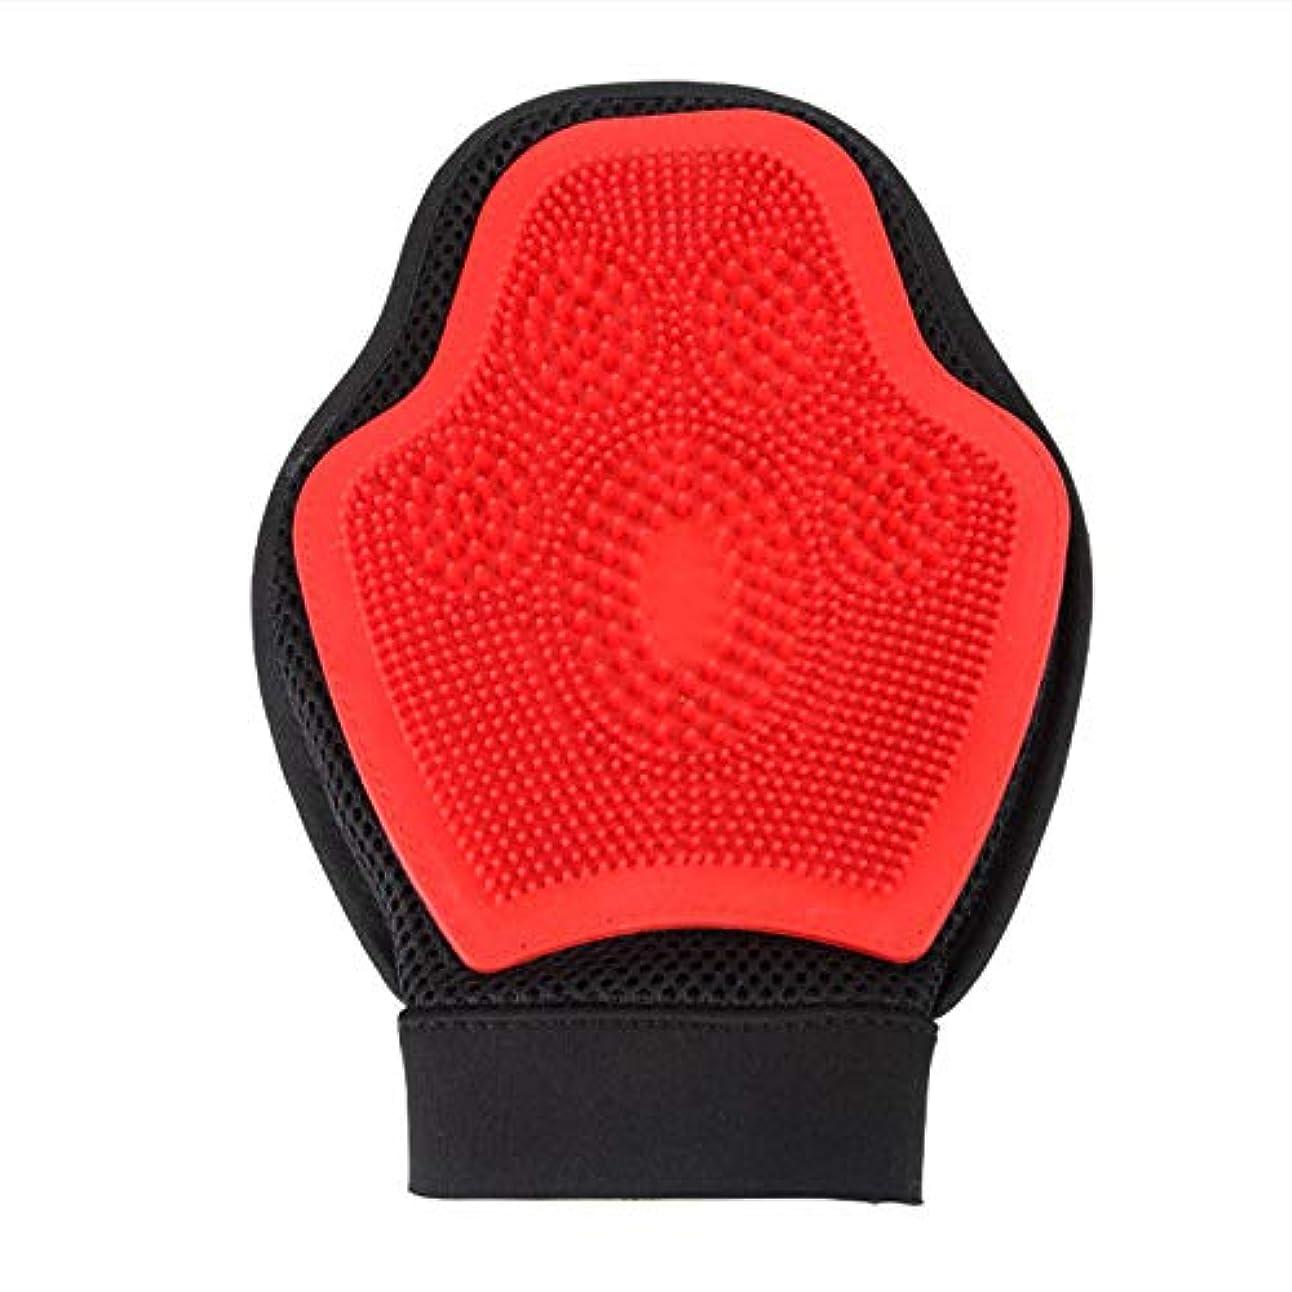 理論的敏感な序文BTXXYJP 手袋 ペット ブラシ グローブ 猫 ブラシ クリーナー 抜け毛取り ブラッシング マッサージブラシ 犬 グローブ ペット毛取りブラシ お手入れ (Color : Red, Size : L)